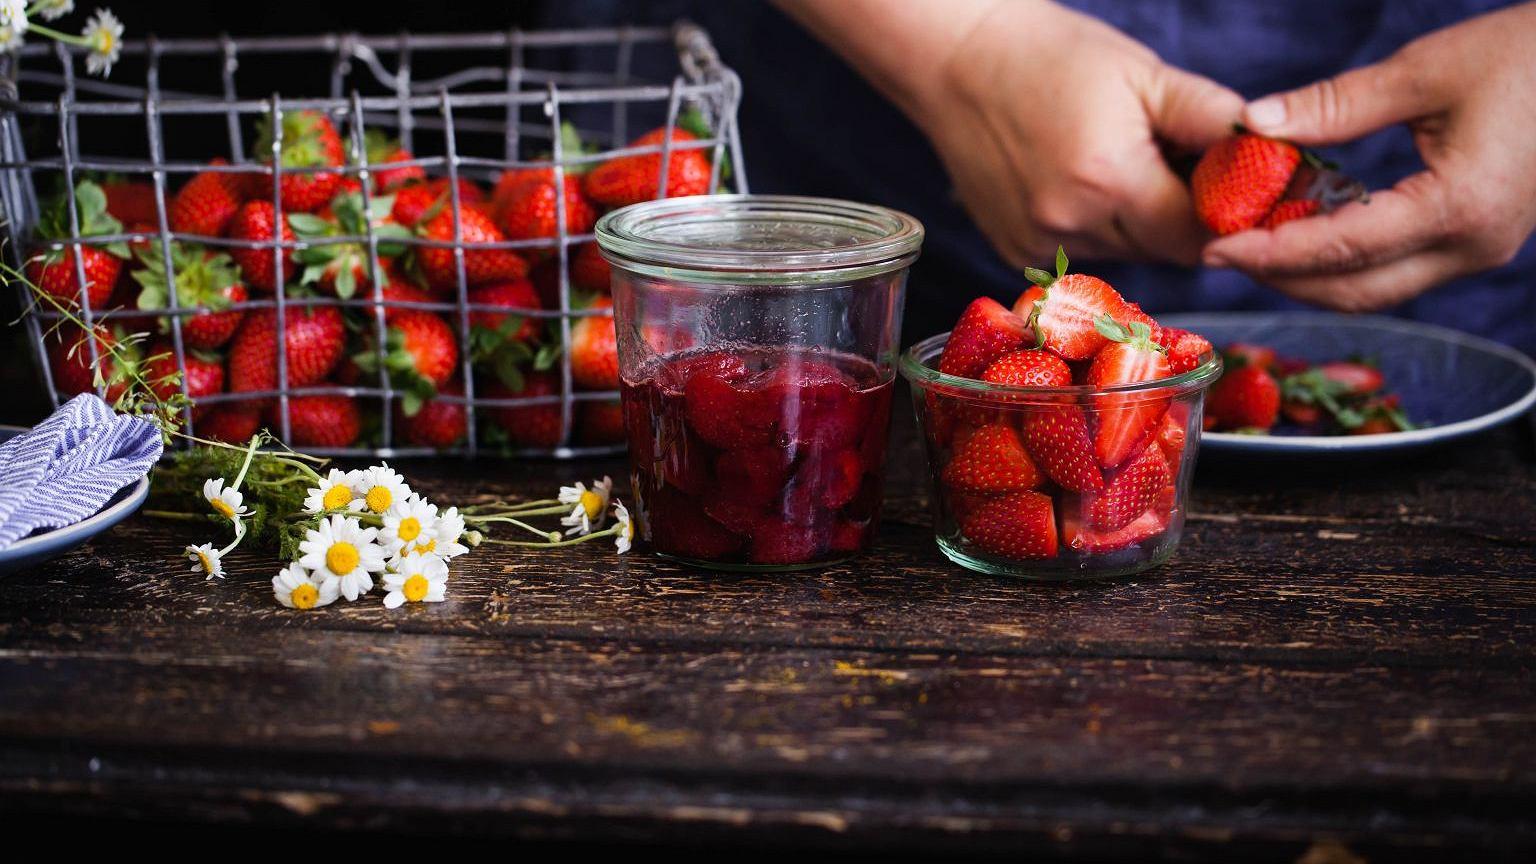 Przetwory to dobry sposób na zatrzymanie letnich smaków